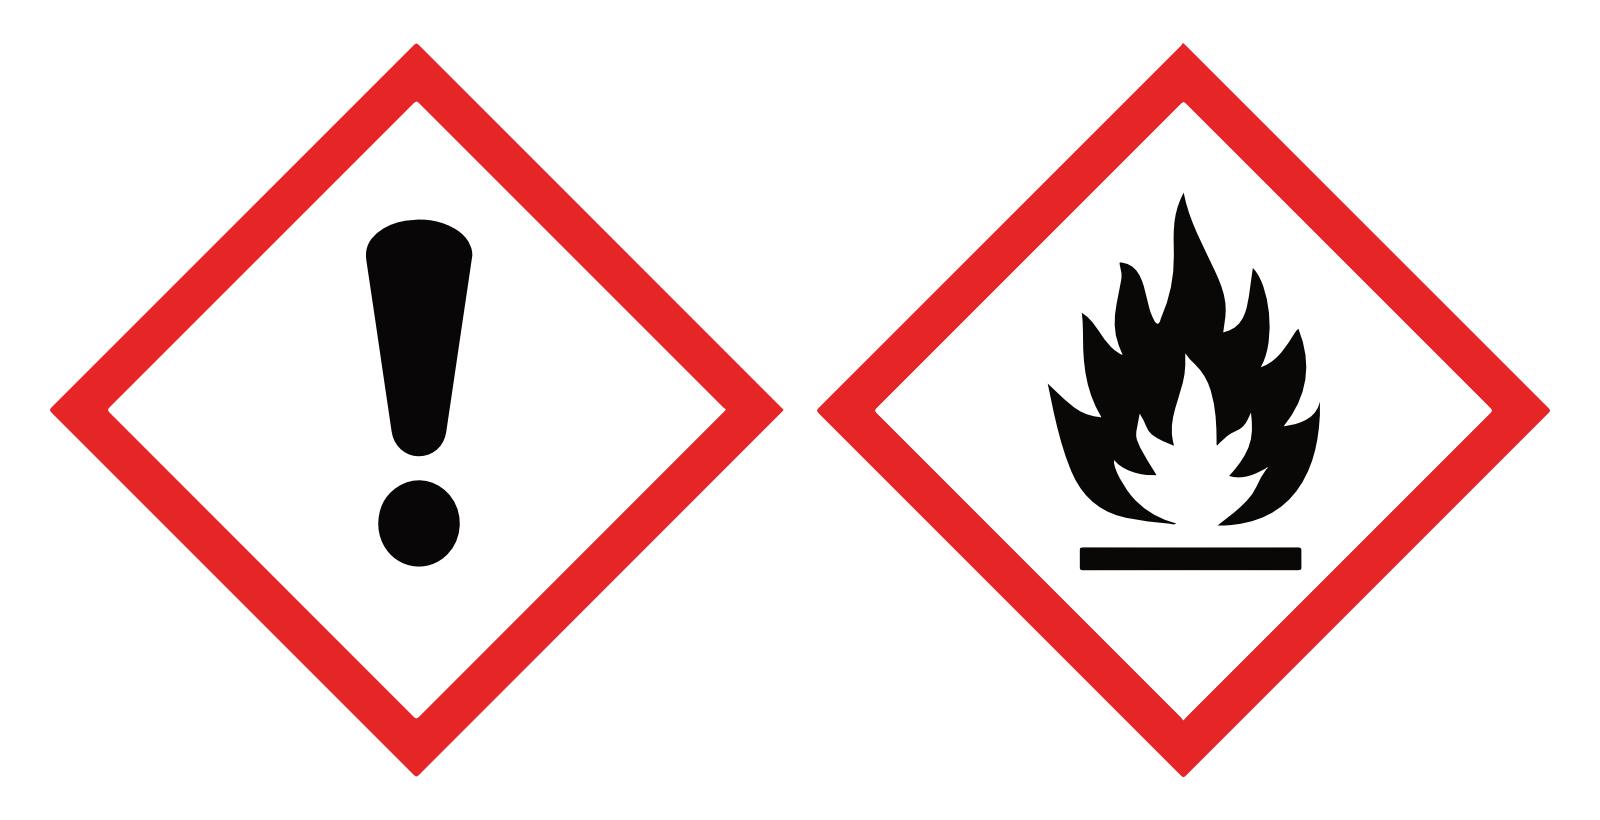 simboli_danger.jpg